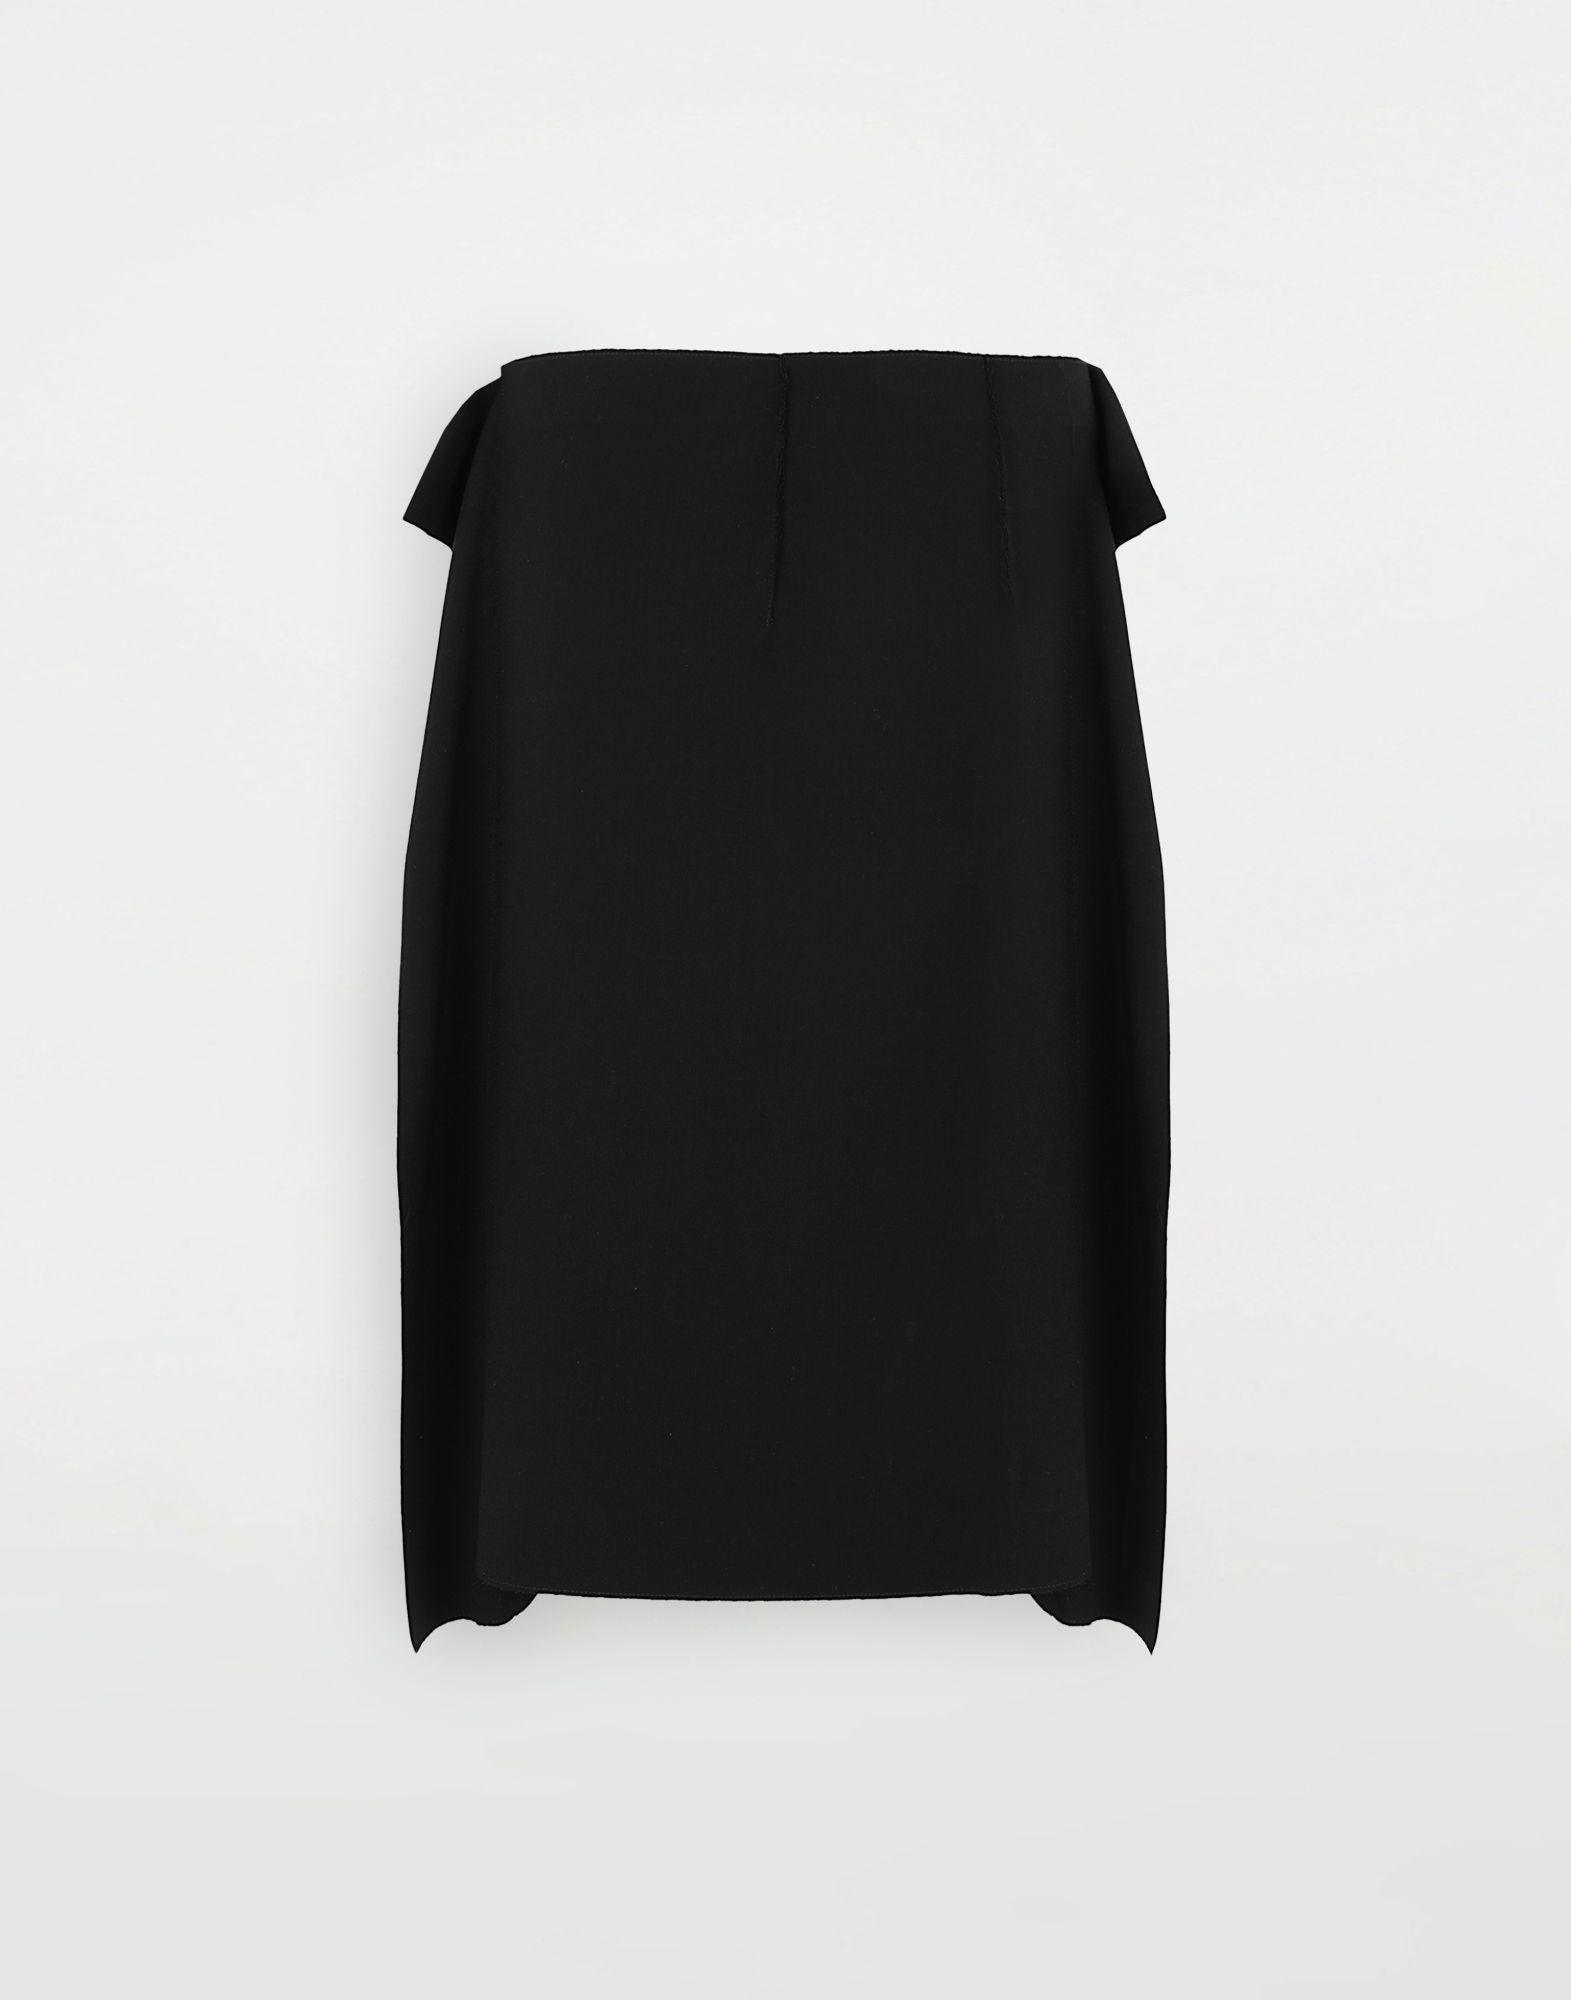 MAISON MARGIELA Bi-material skirt 3/4 length skirt Woman f